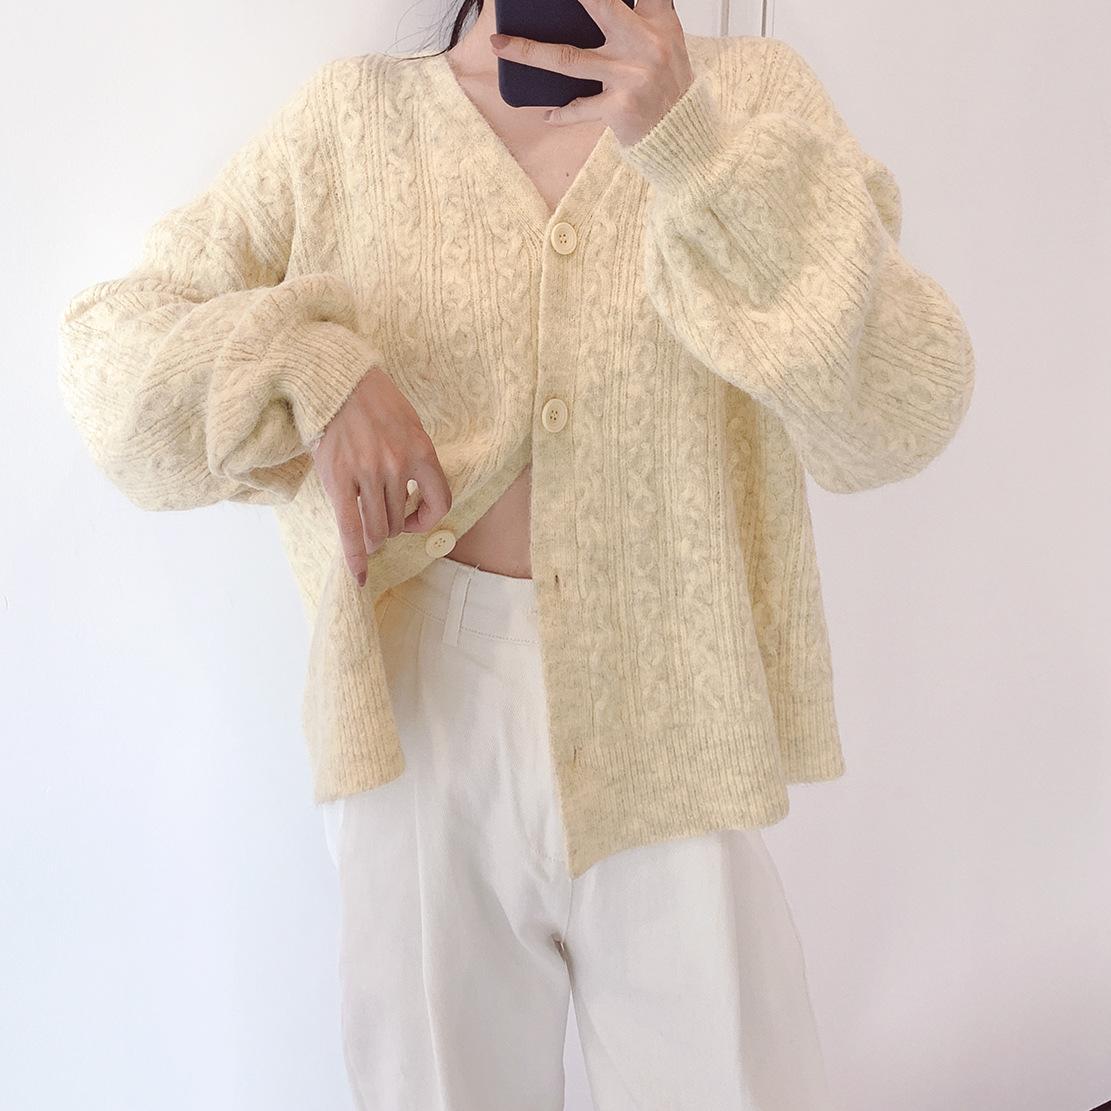 Sev7en自制质感开衫a质感秋冬感鹅黄色少女羊绒V领新品毛衣